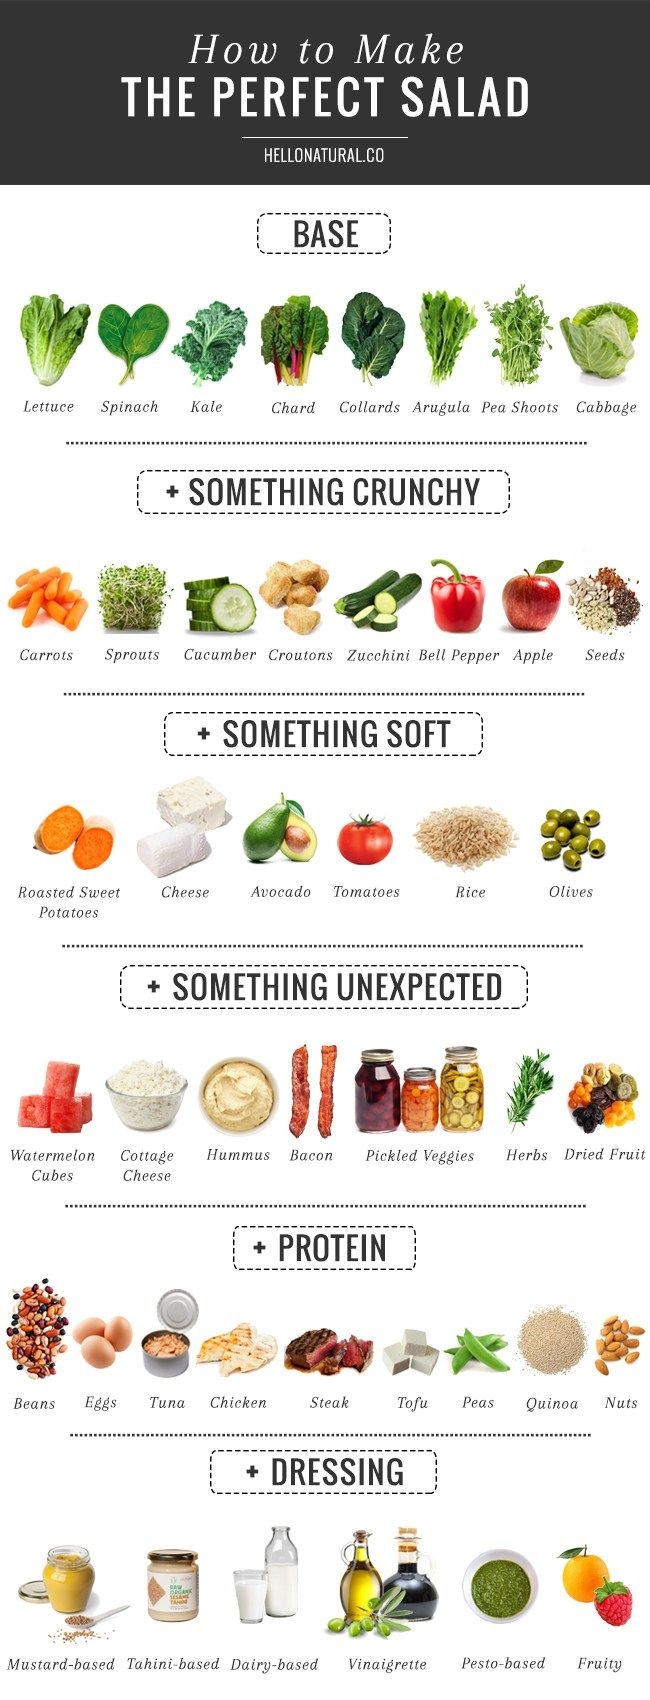 programme du r gime comment faire la salade parfaite avez vous besoin d 39 une d sintoxication. Black Bedroom Furniture Sets. Home Design Ideas